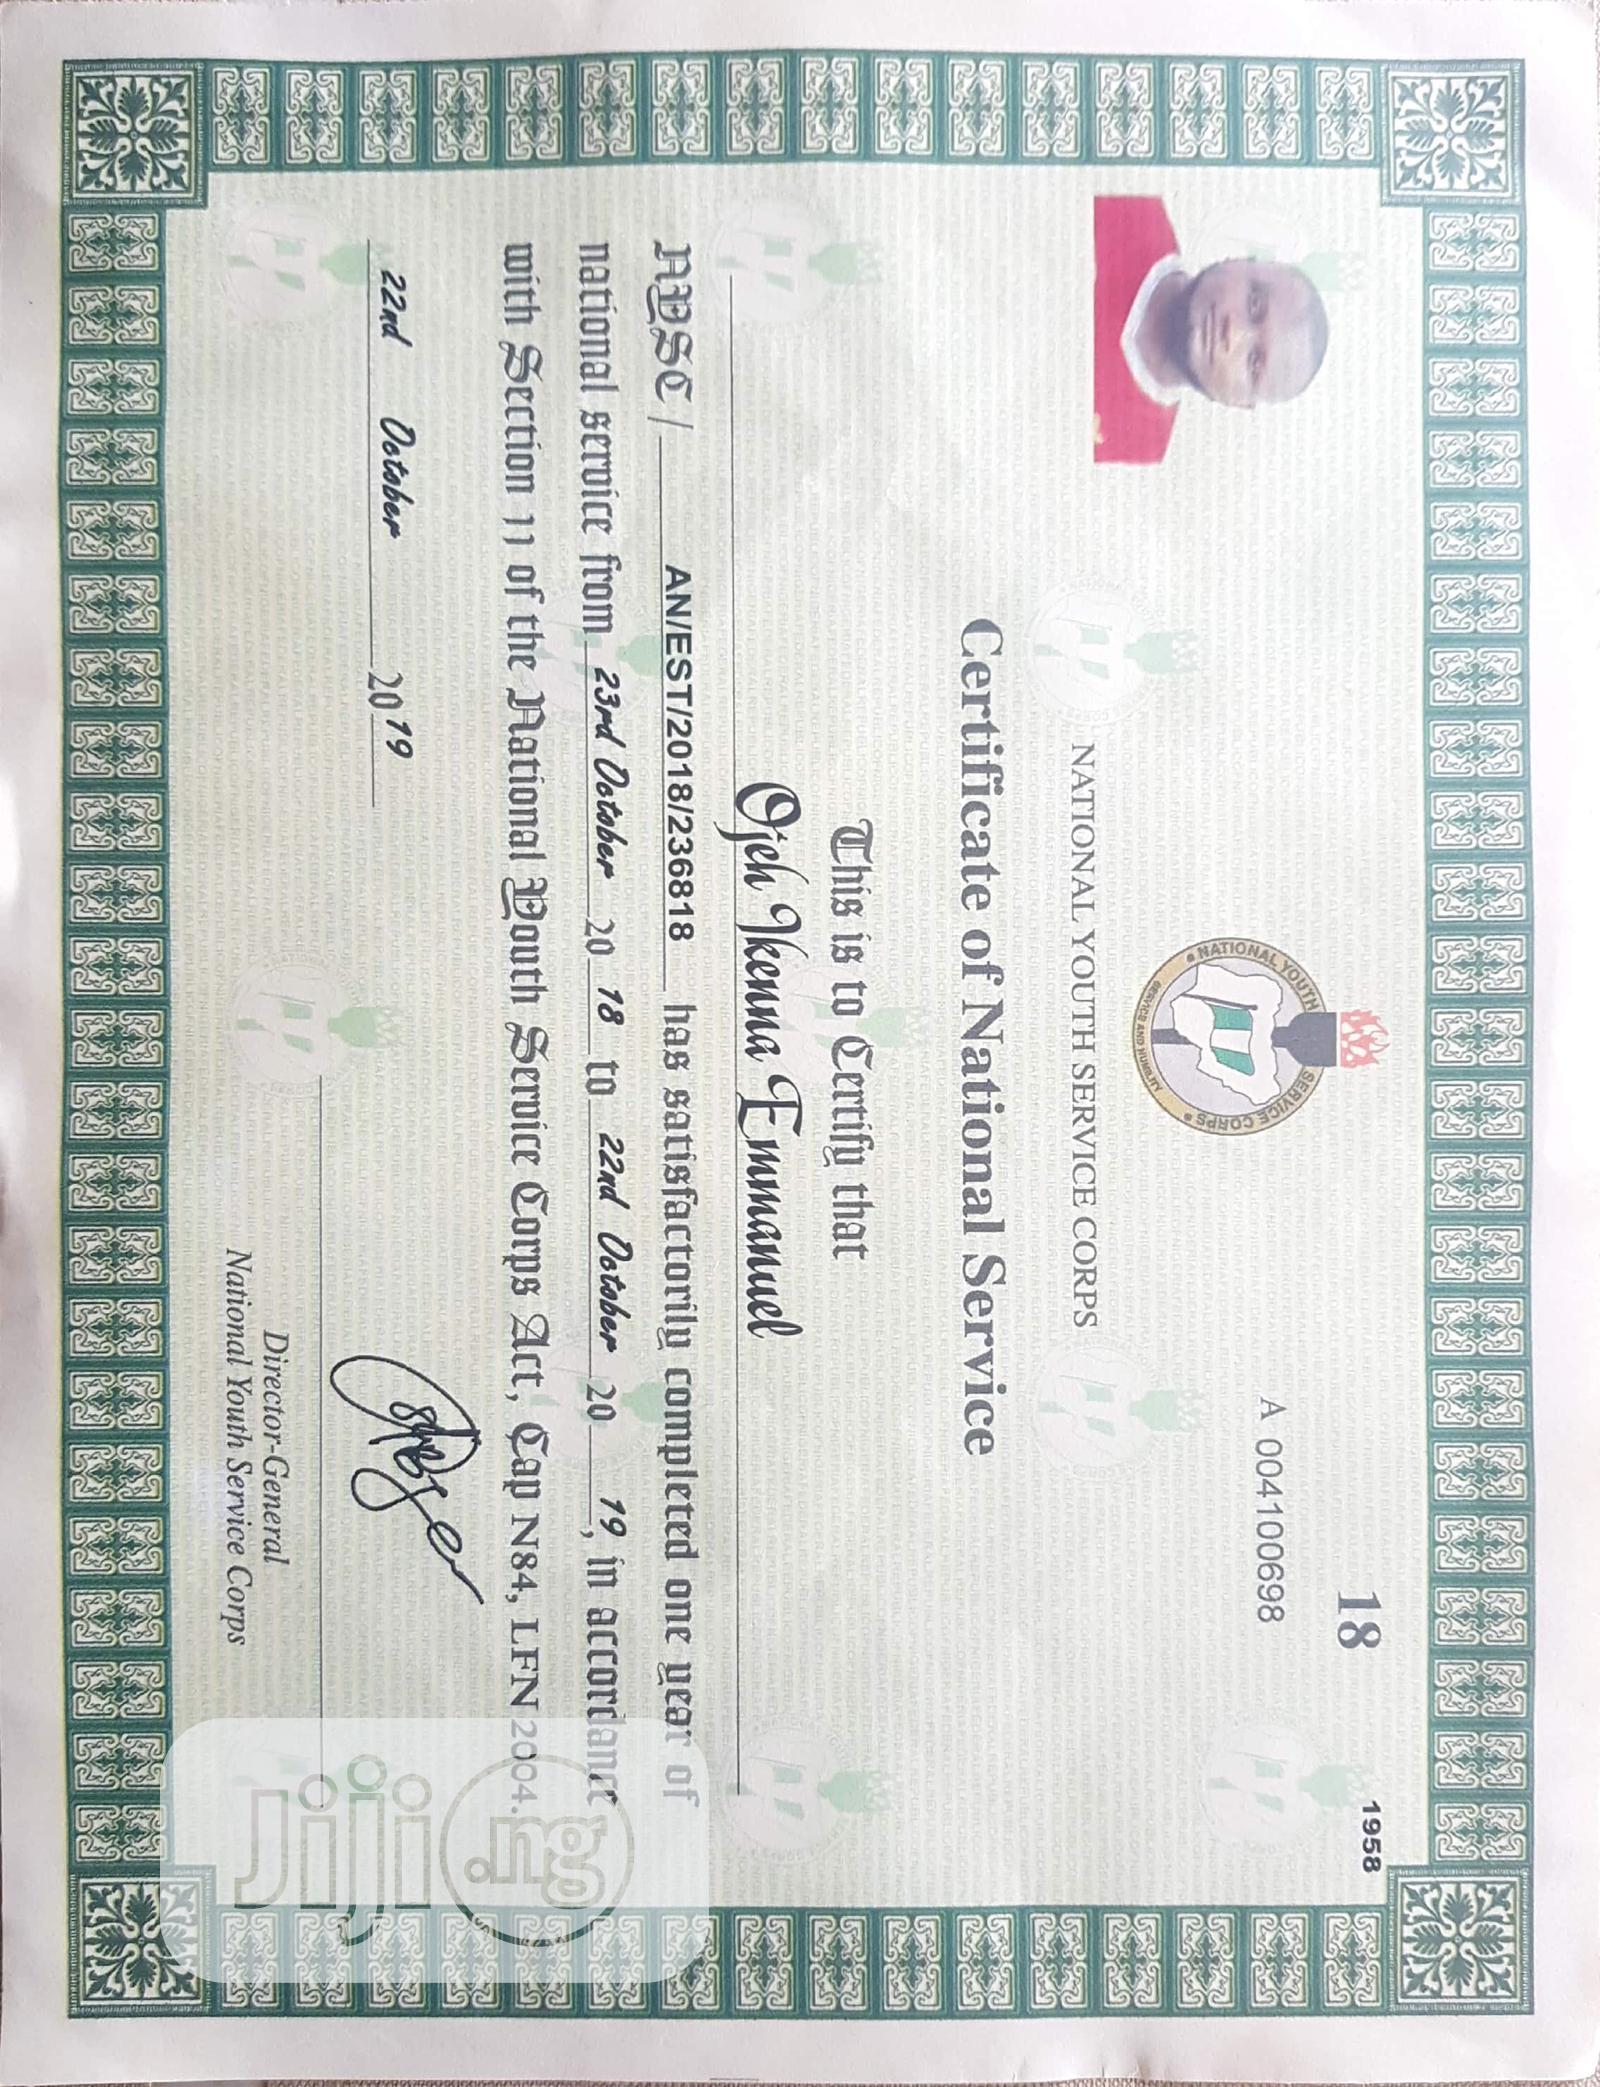 Advertising & Marketing CV | Advertising & Marketing CVs for sale in Garki 2, Abuja (FCT) State, Nigeria